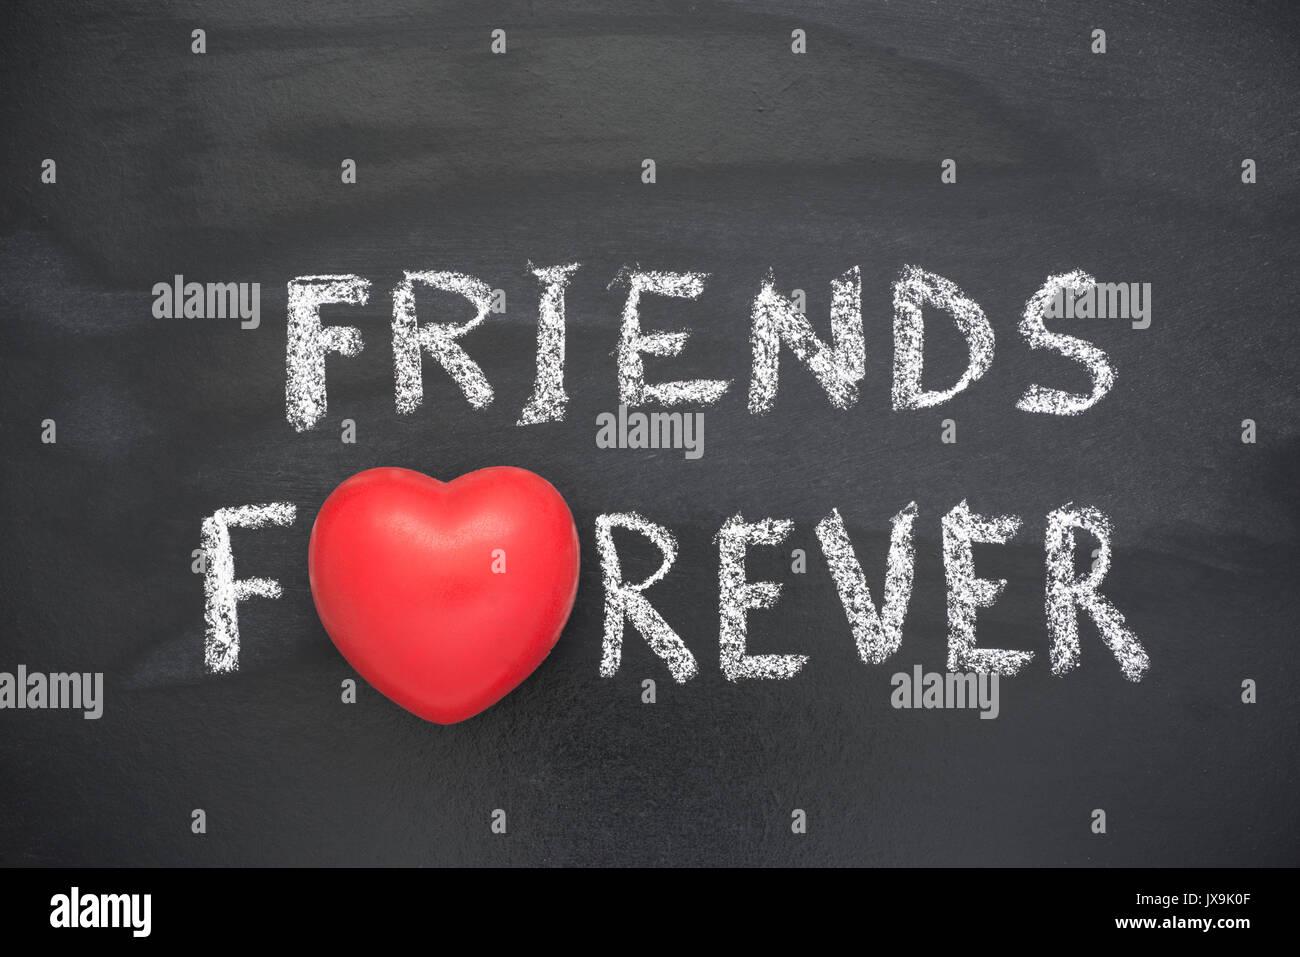 Friends Forever Phrase Handwritten On Blackboard With Heart Symbol